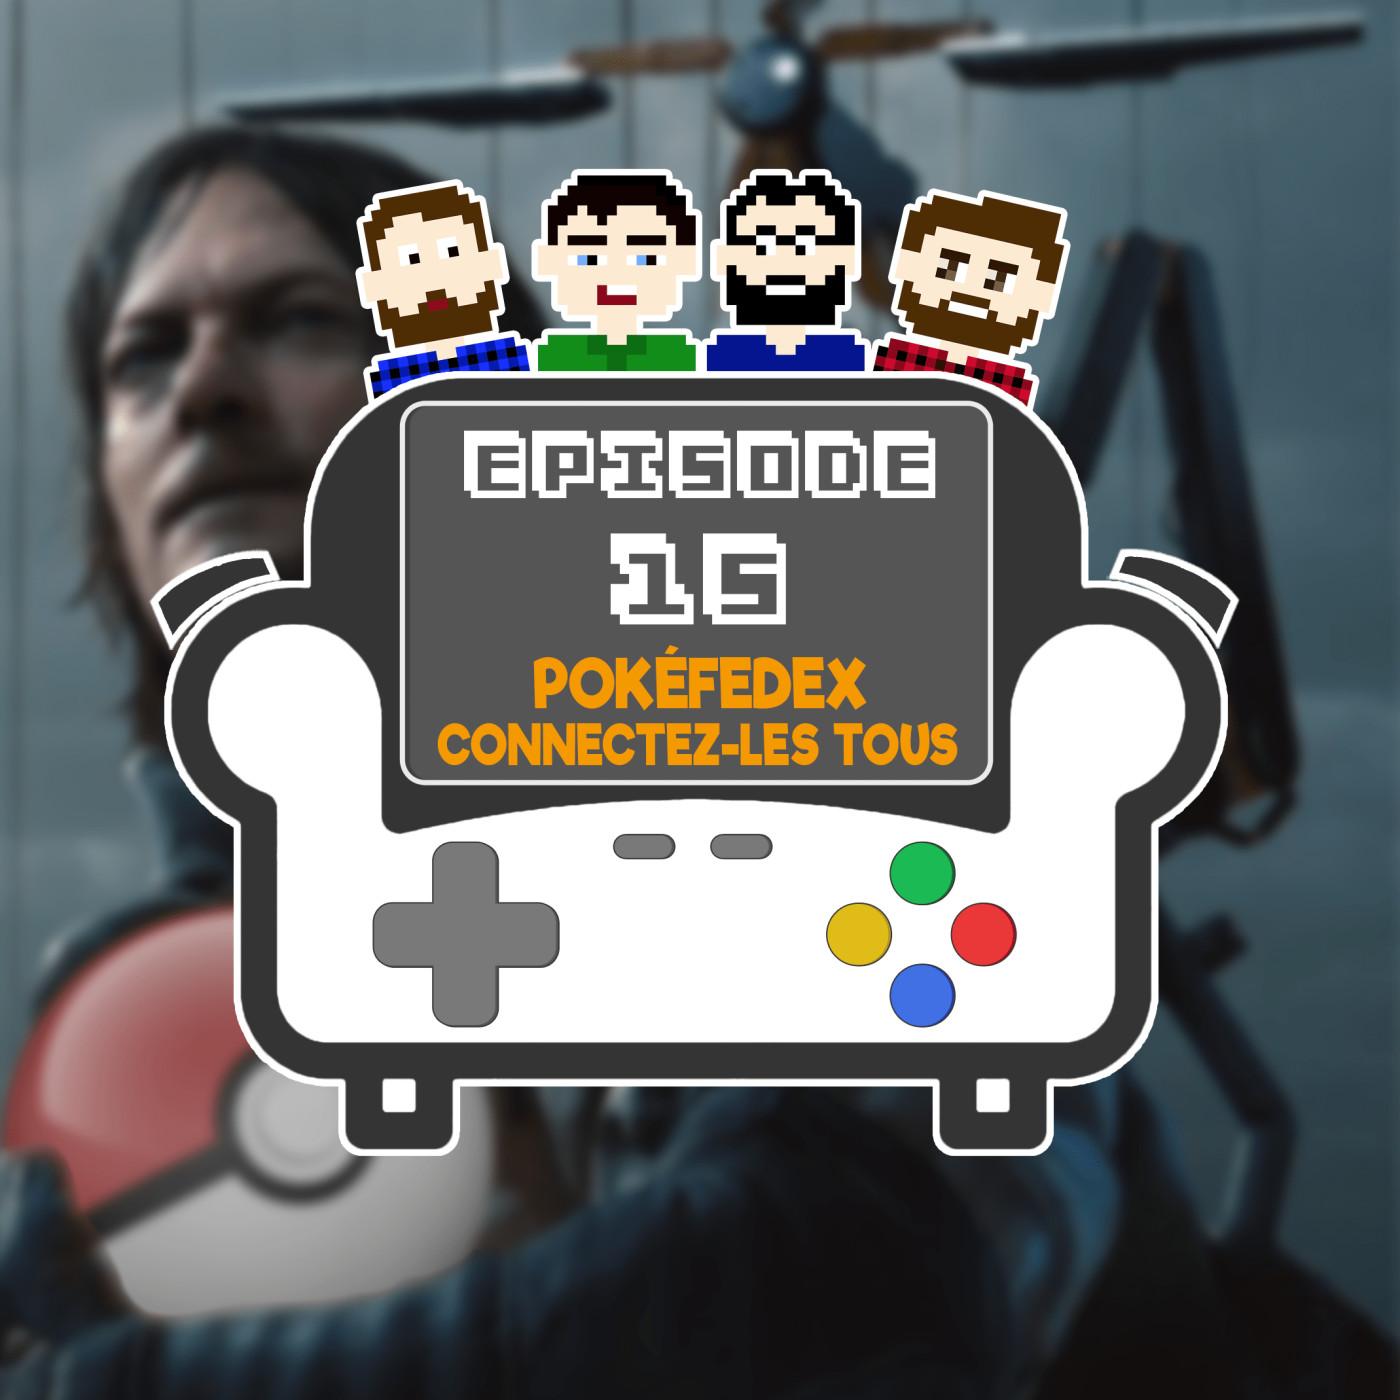 Episode 15 - Pokefedex, connectez les tous !